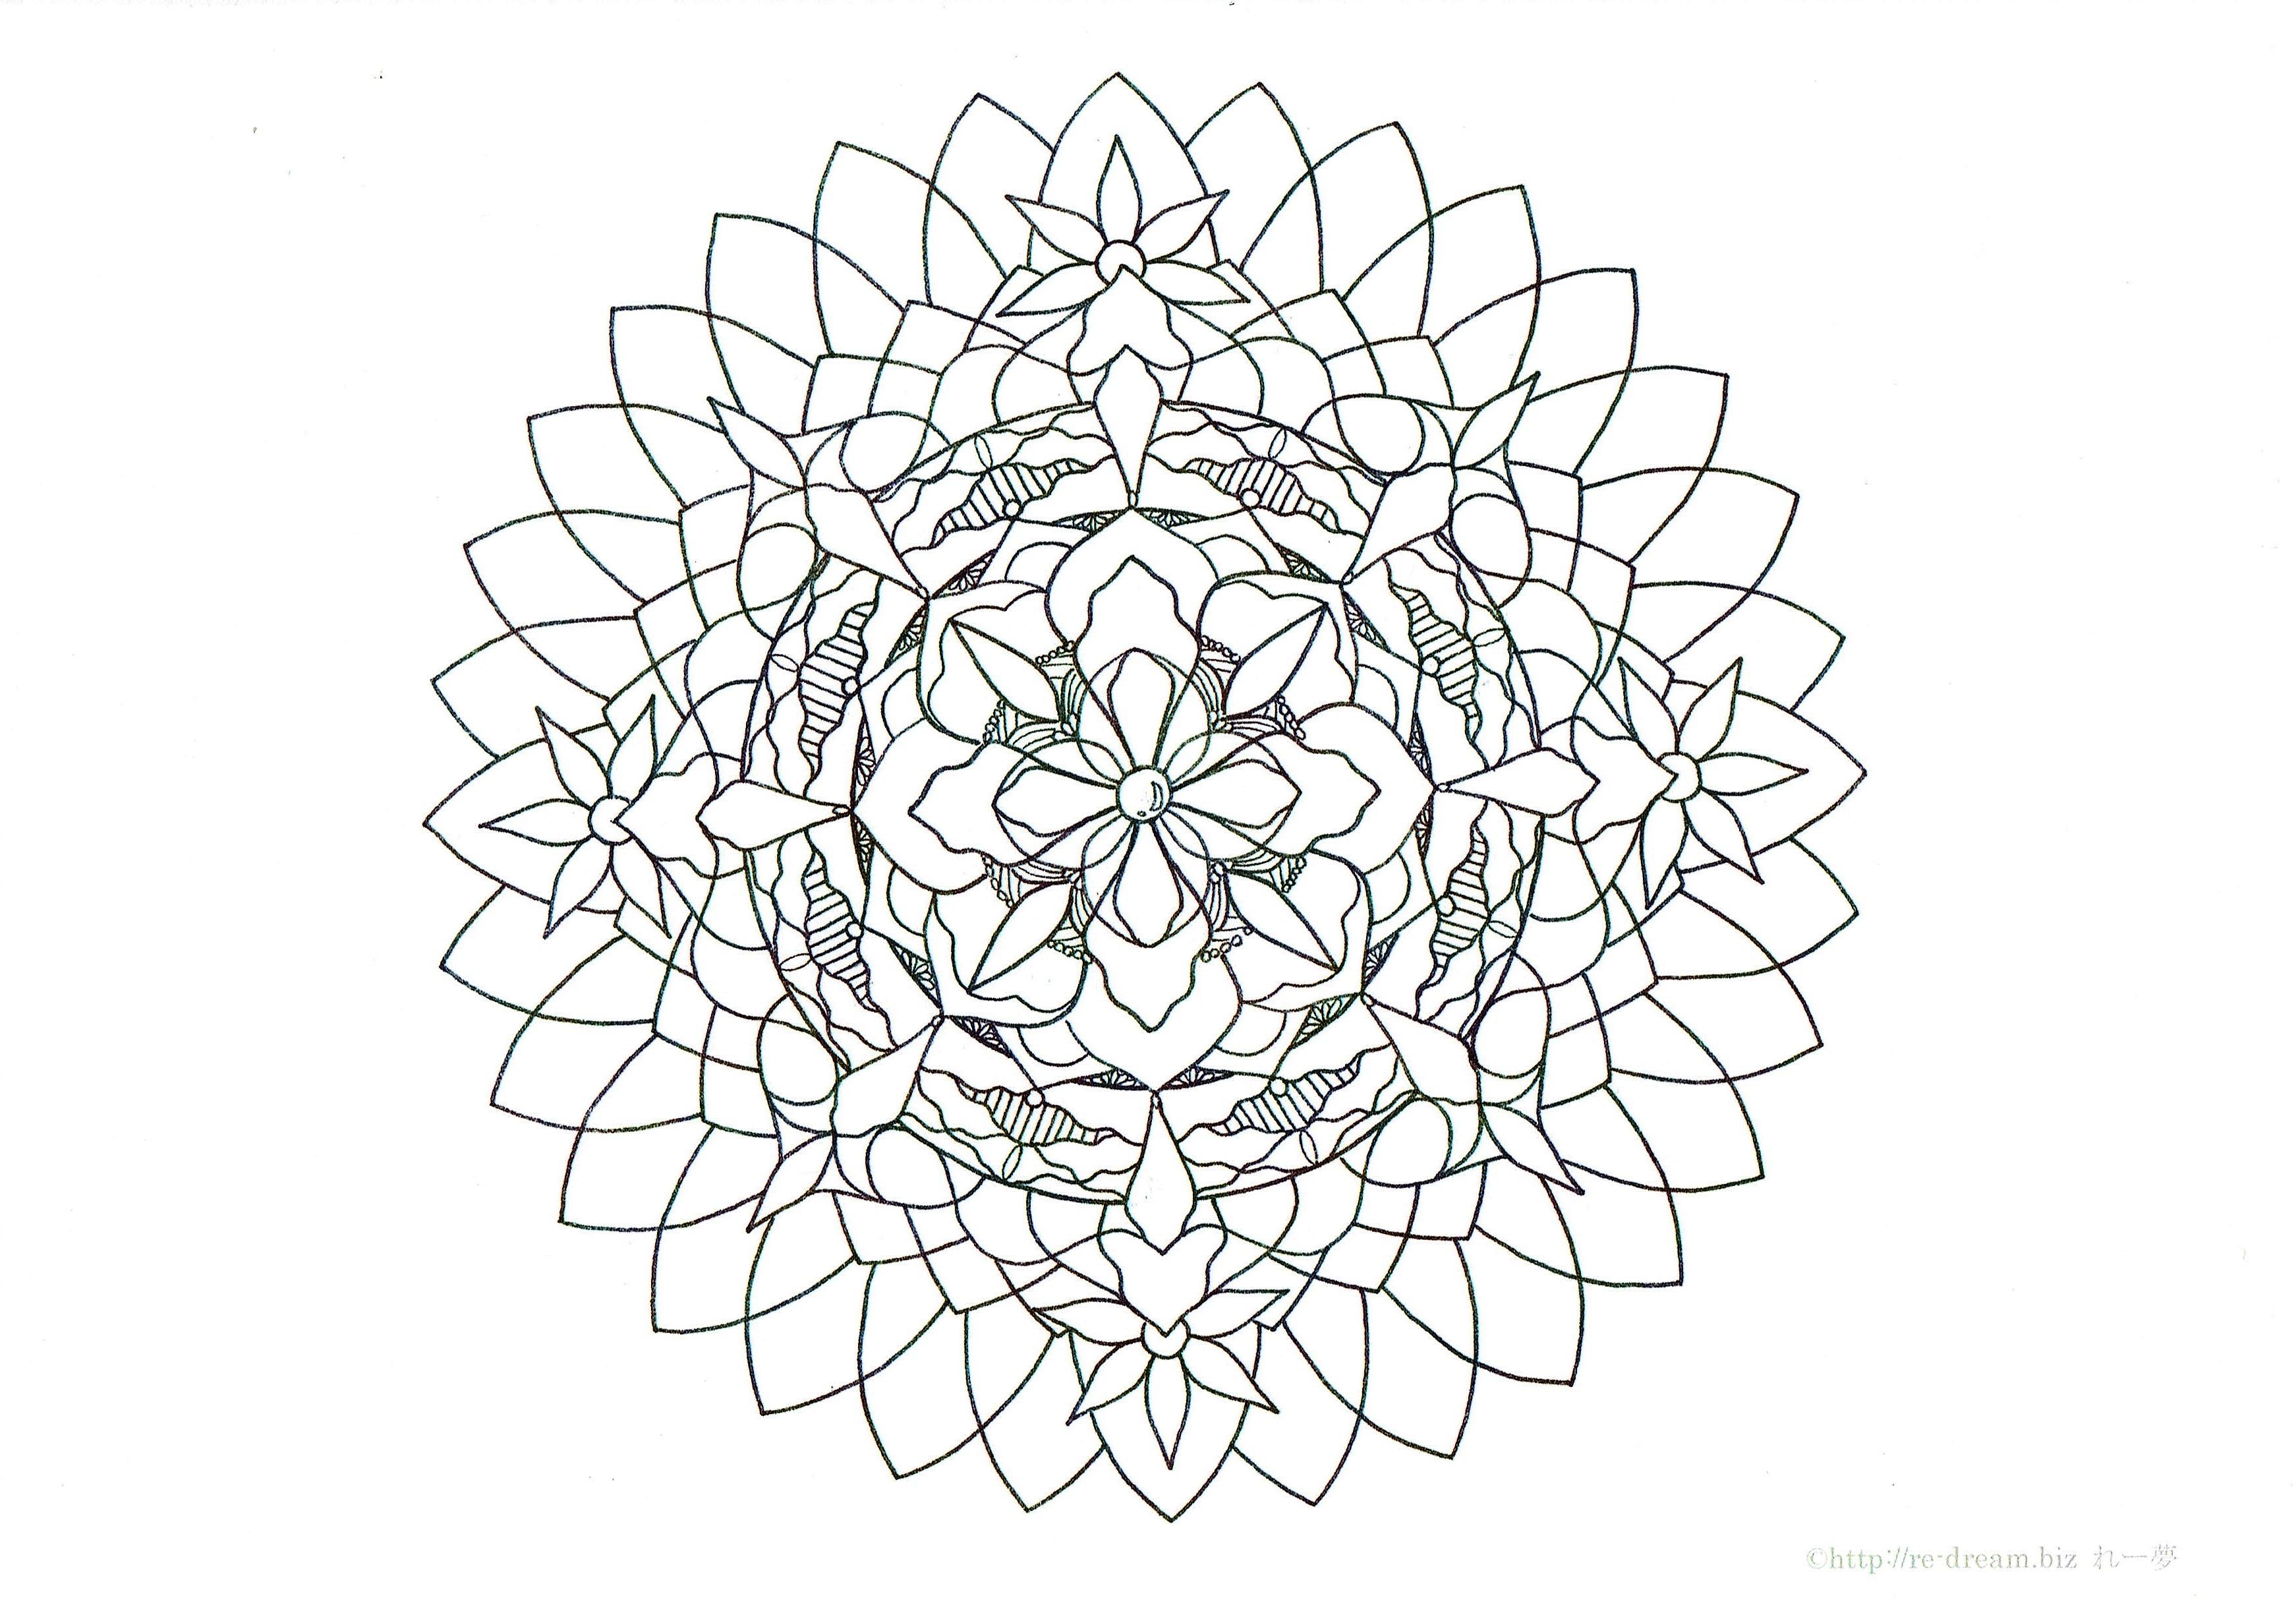 ぬりえ心の花園販売されました Mandala Artist Reiko N